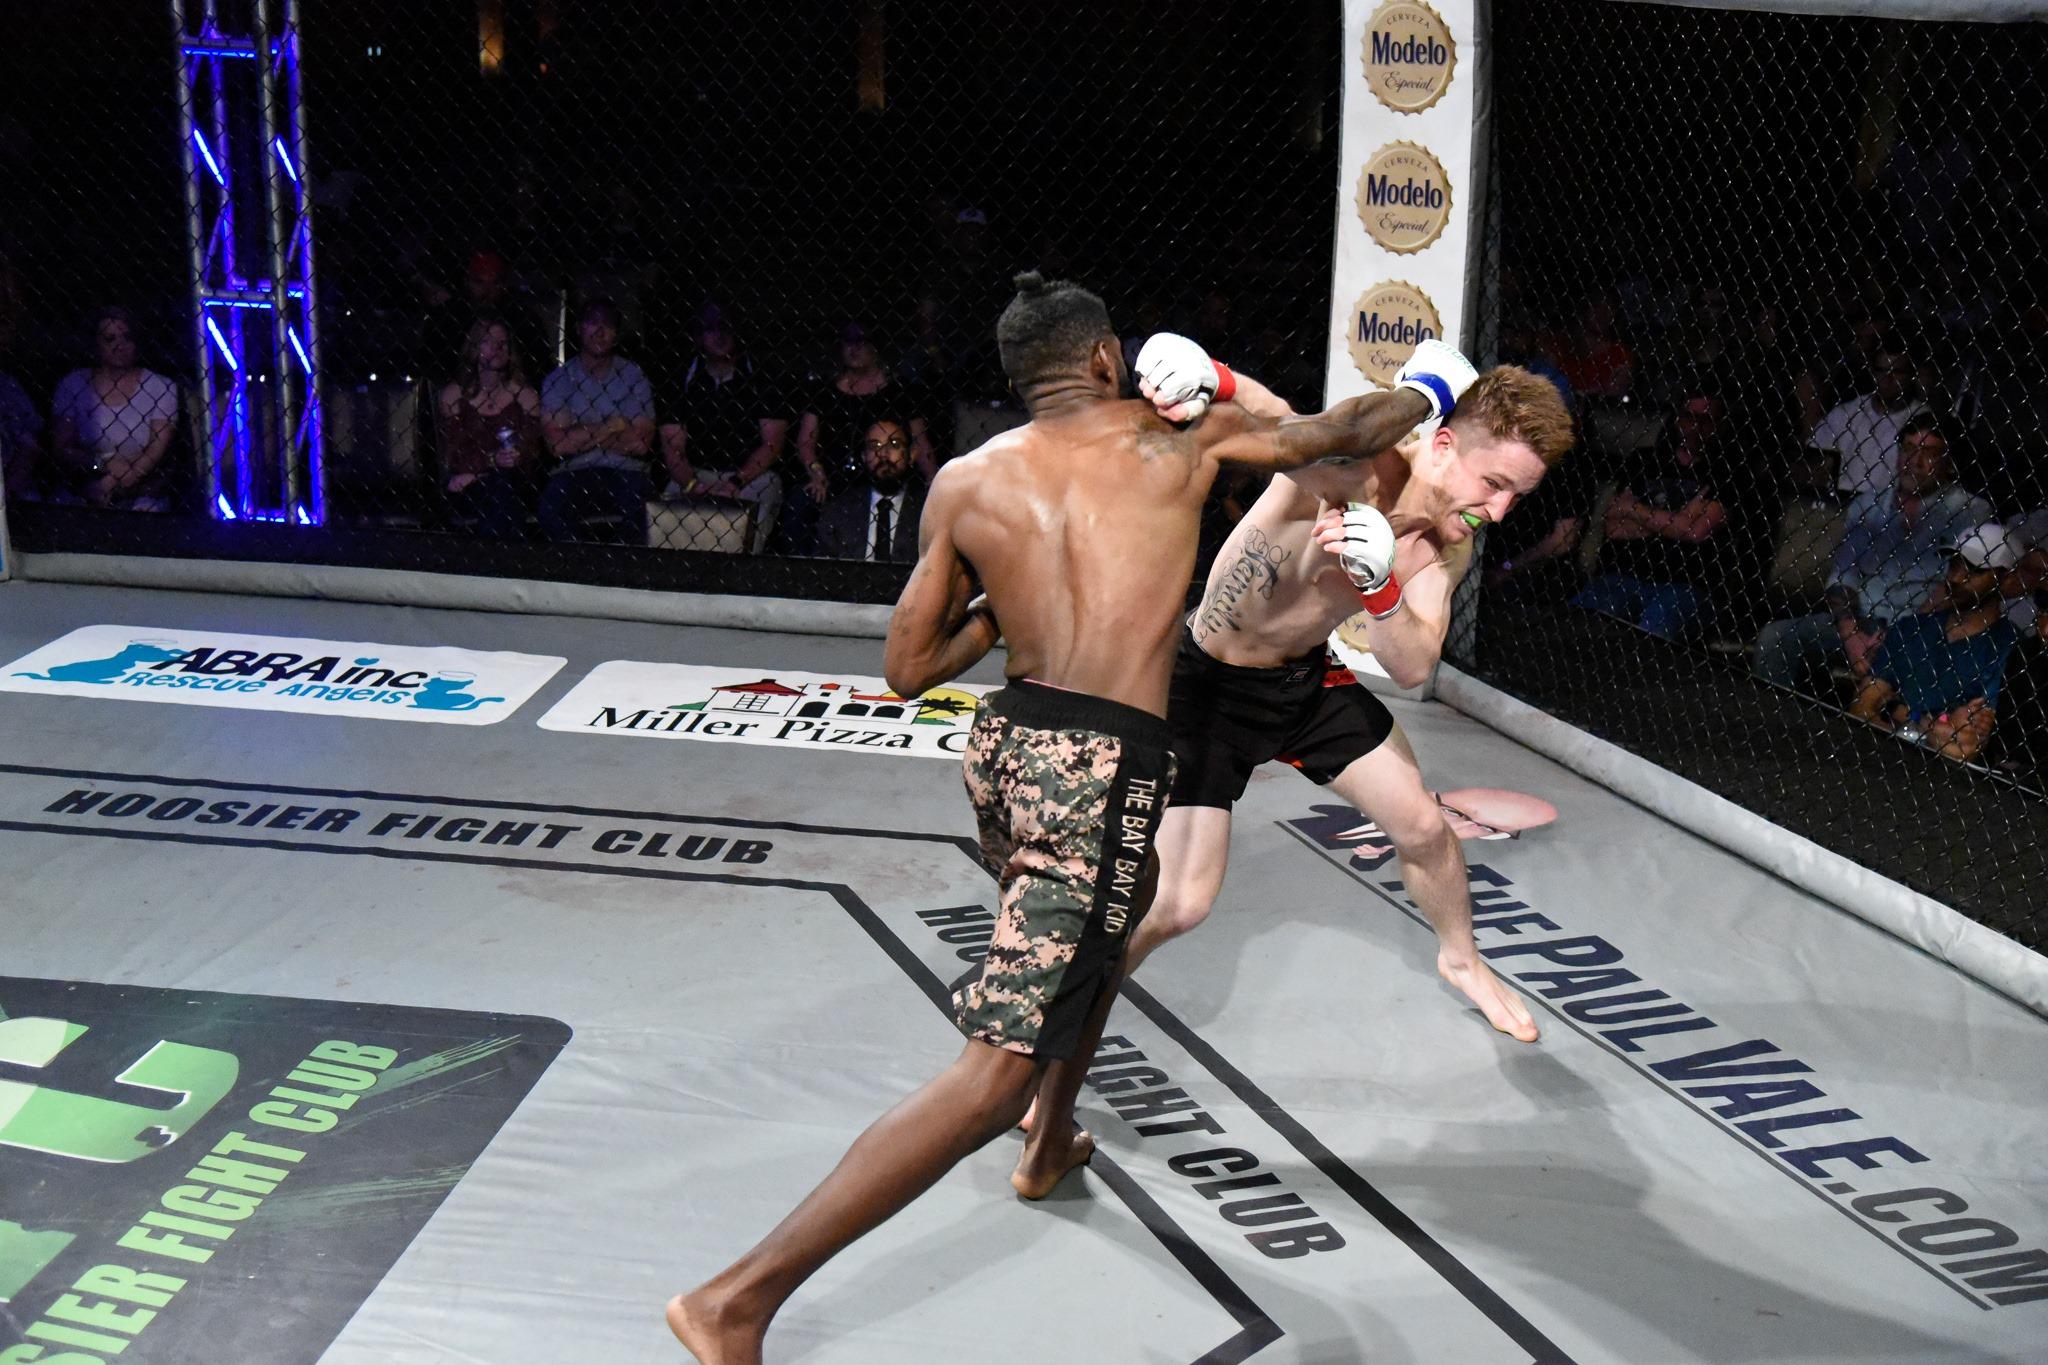 Hoosier Fight Club | MMA | Sometimes It's Okay To Talk About